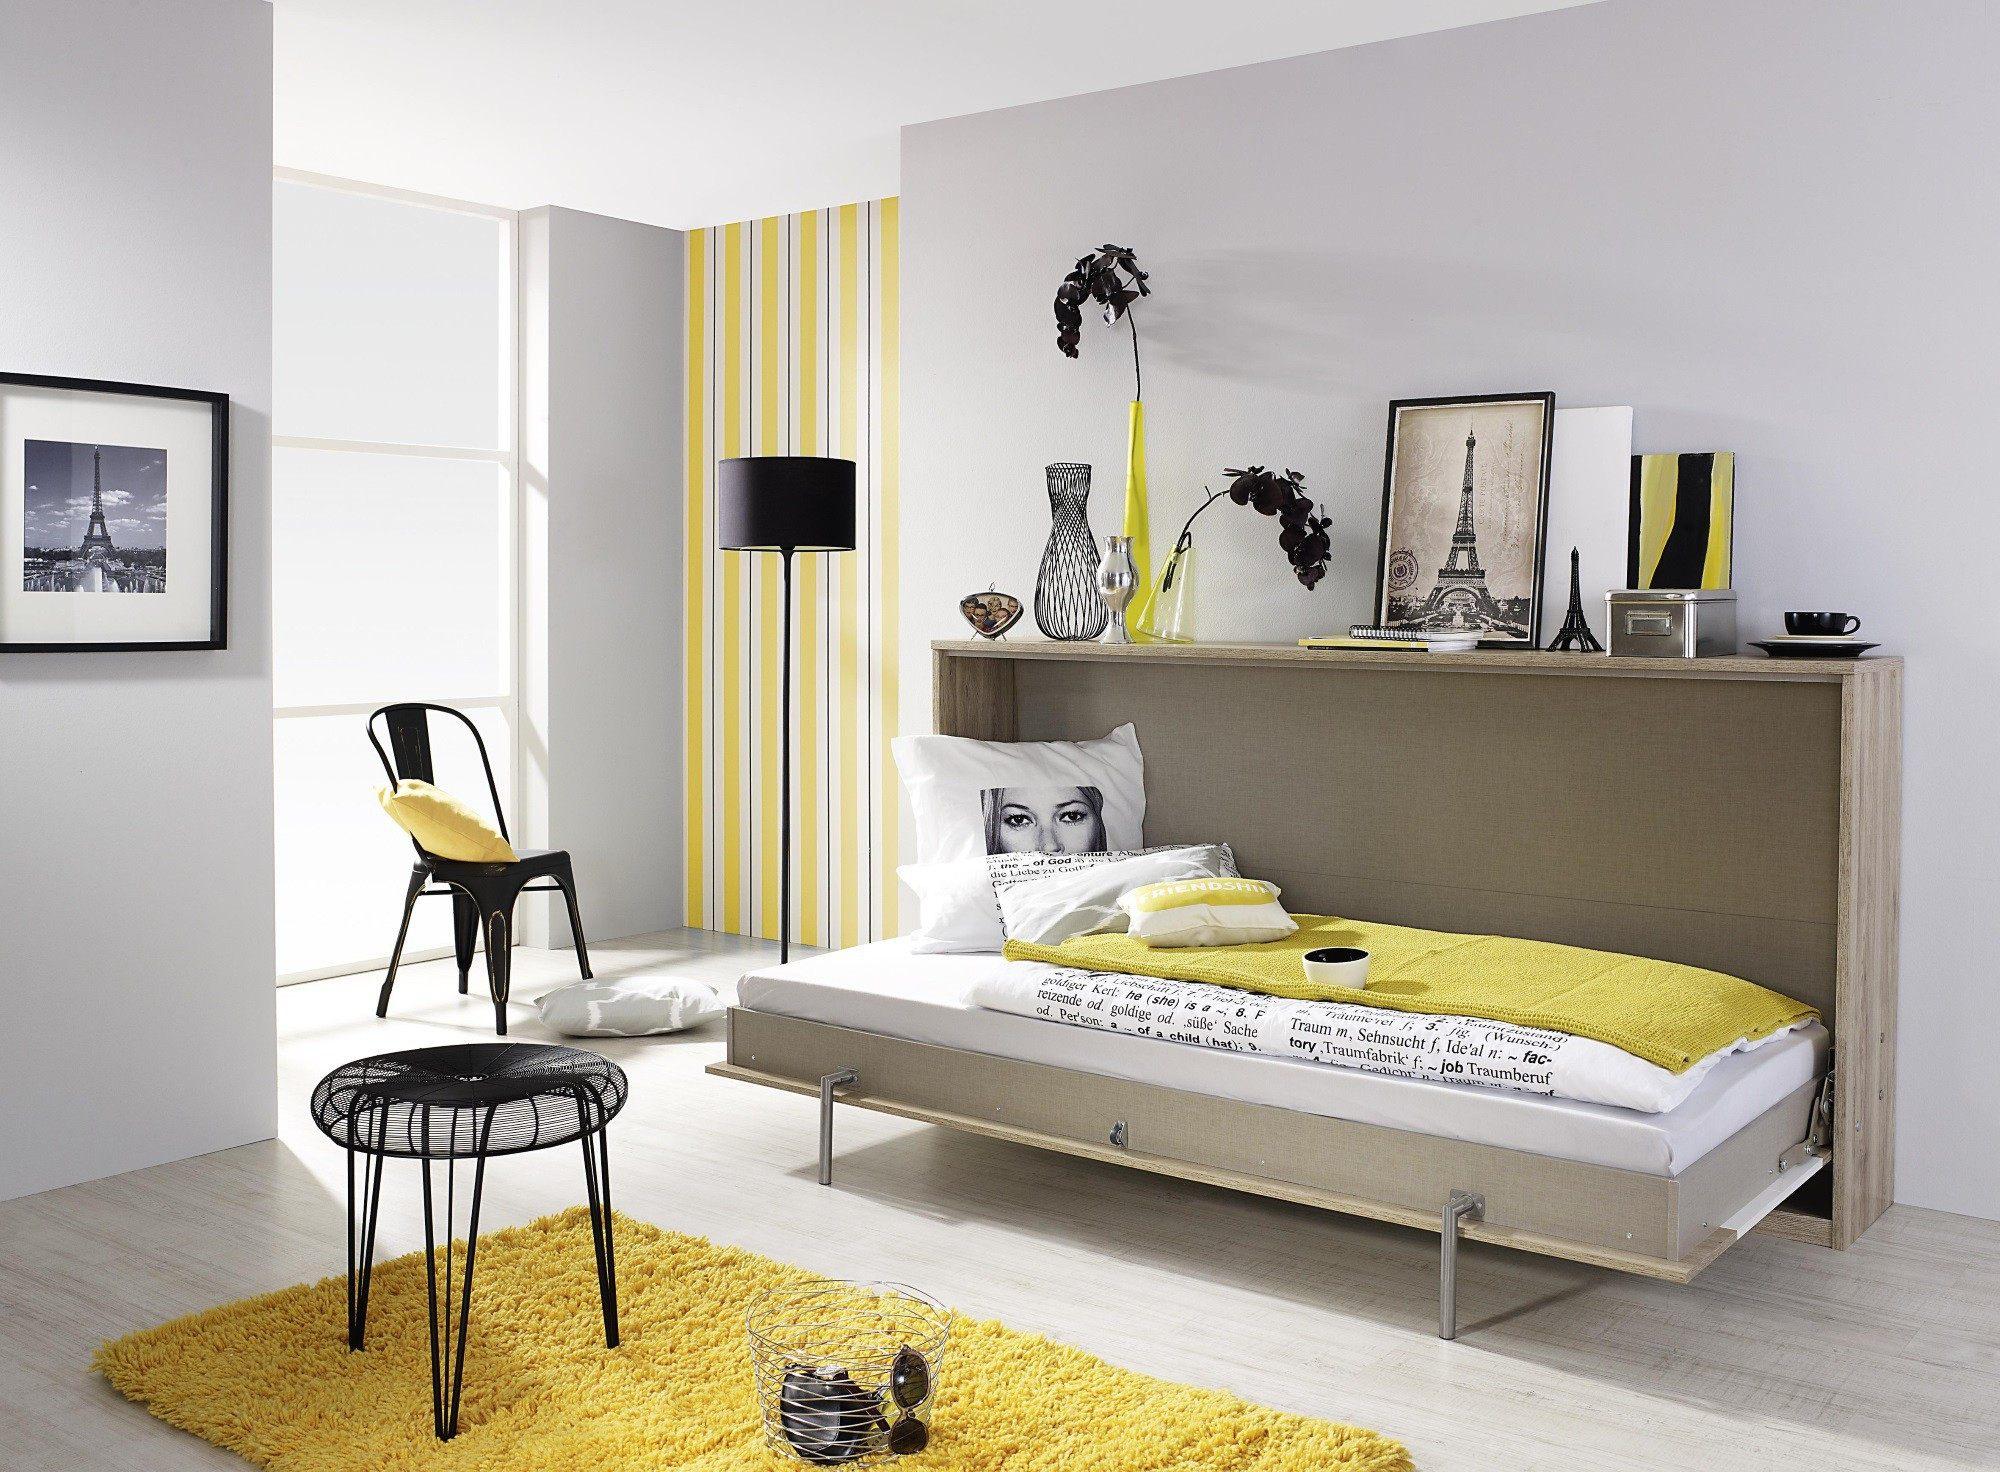 Ikea Lit D Enfant Unique Belle Chambre D Enfant Ikea Ou Armoire Ikea Ch Elegant Article with